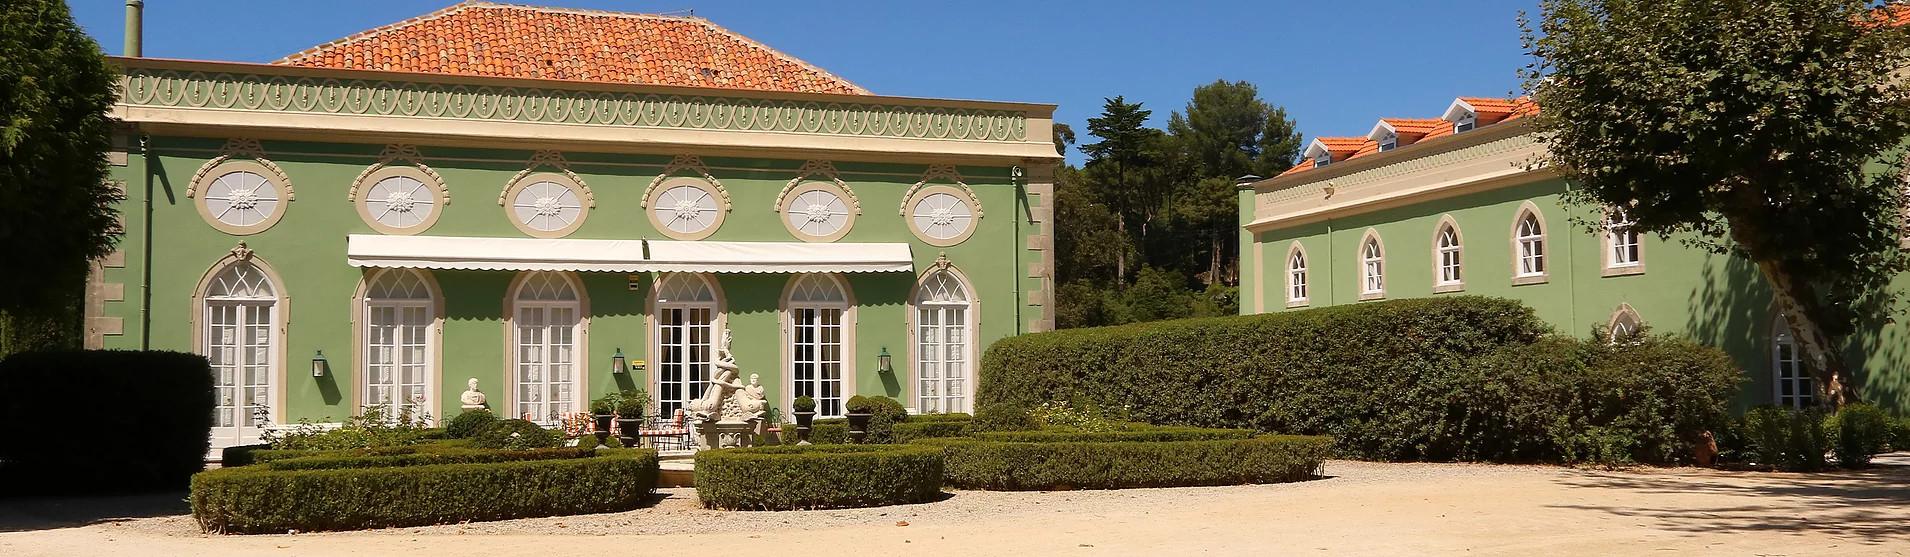 Casa Holstein Quinta de São Sebastião Sintra